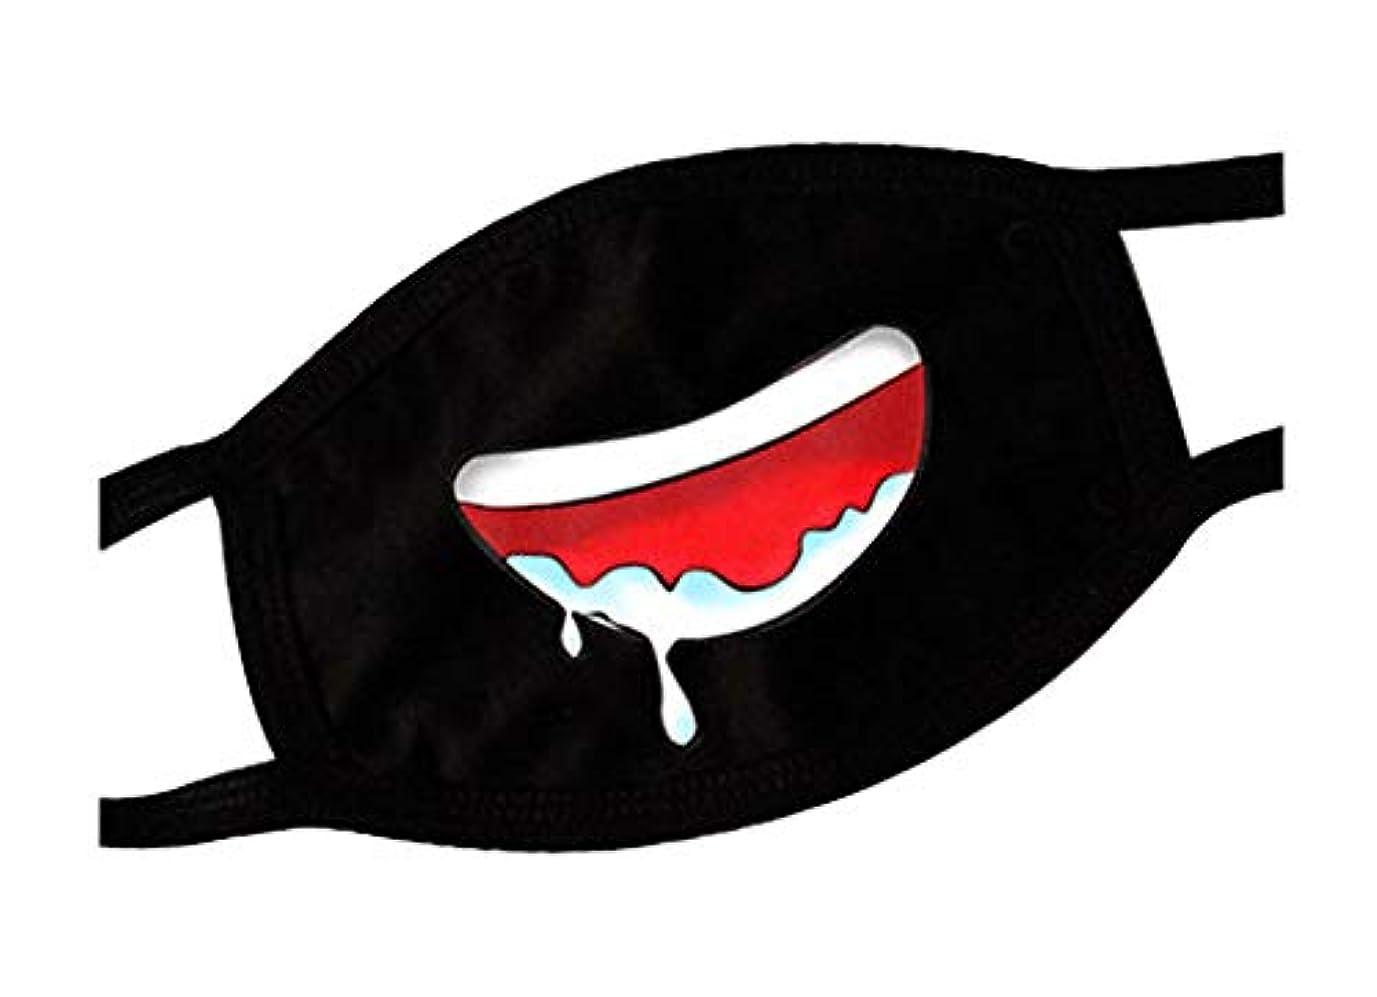 名門血まみれおとうさんブラック面白い口のマスク、十代のかわいいユニセックスの顔の口のマスク、F2